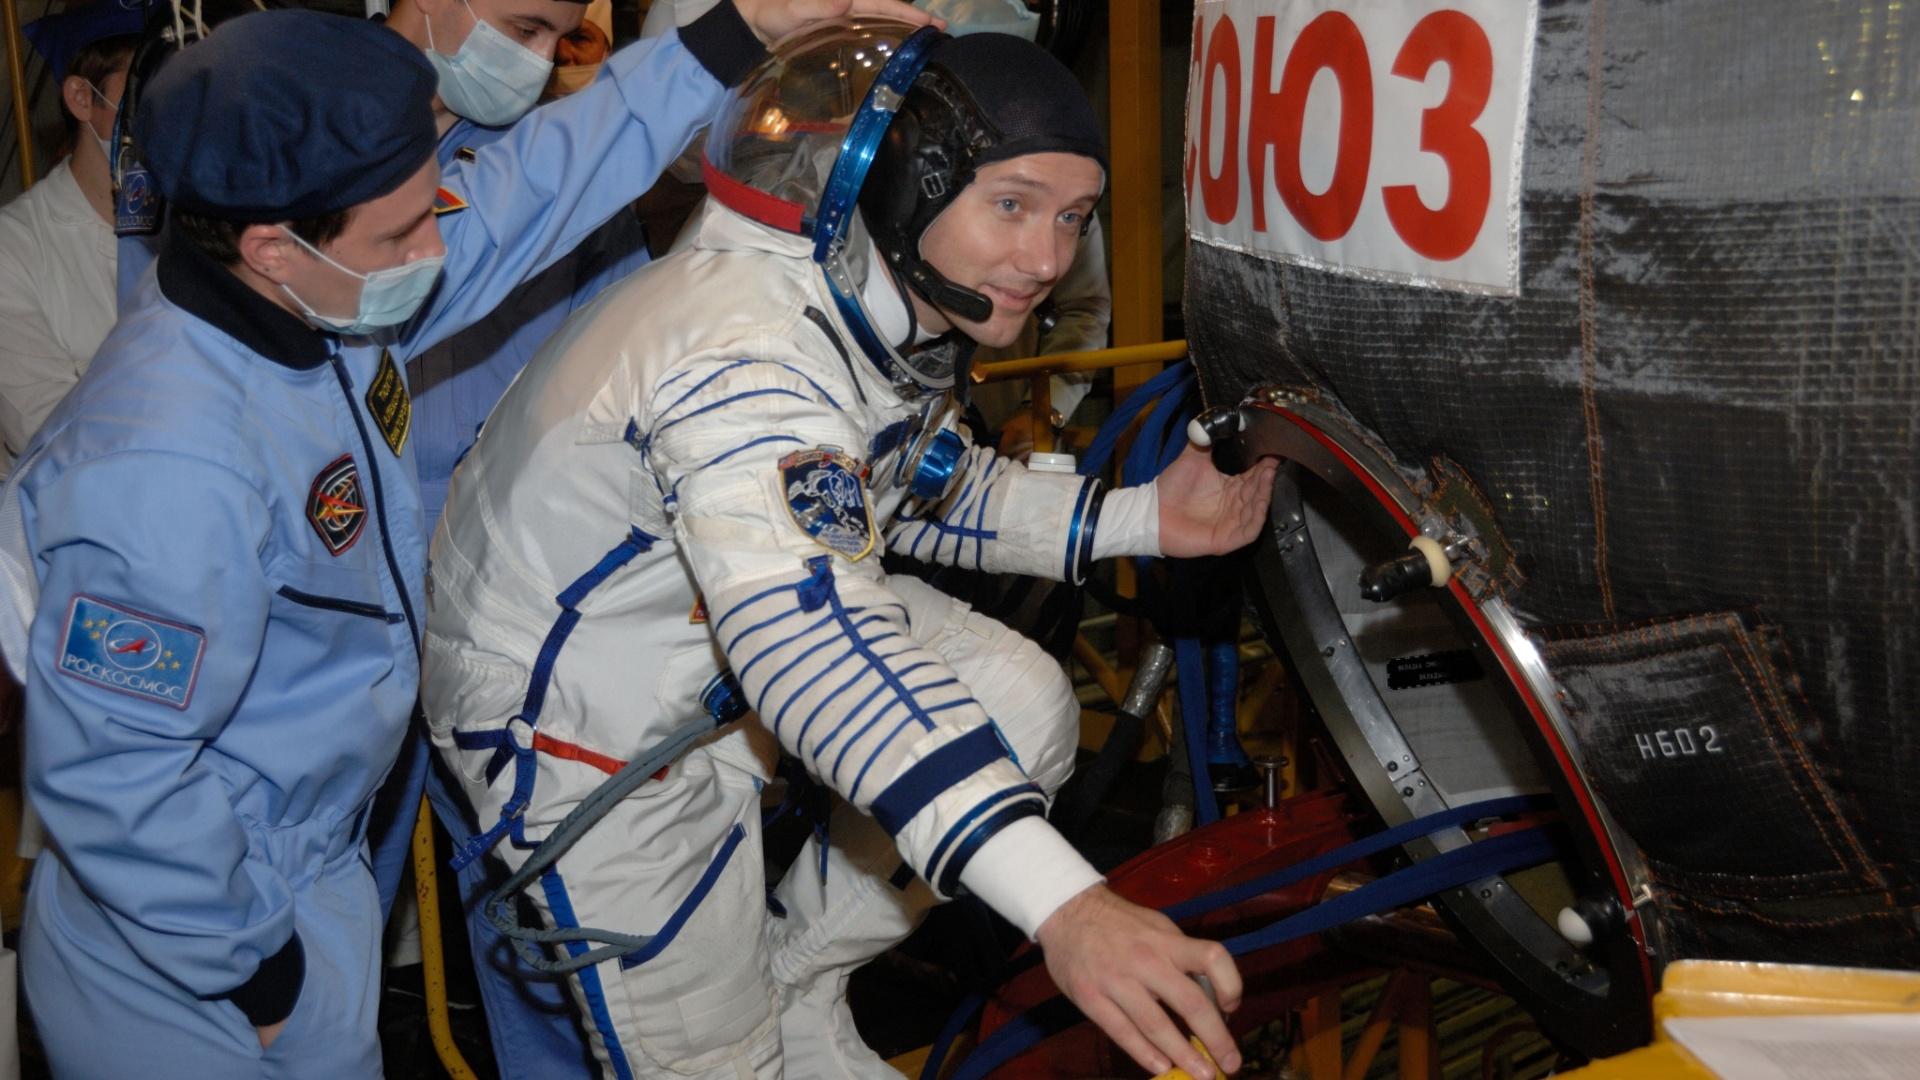 """4.nov.2016 - MALAS PRONTAS? - O astronauta Thomas Pesquet, da ESA (Agência Espacial Europeia), visita a espaçonave Soyuz MS-03, onde irá """"viajar"""" no dia 17 de novembro ao lado do comandante Oleg Novitskiy para uma missão de seis messes na ISS (Estação Espacial Internacional)"""